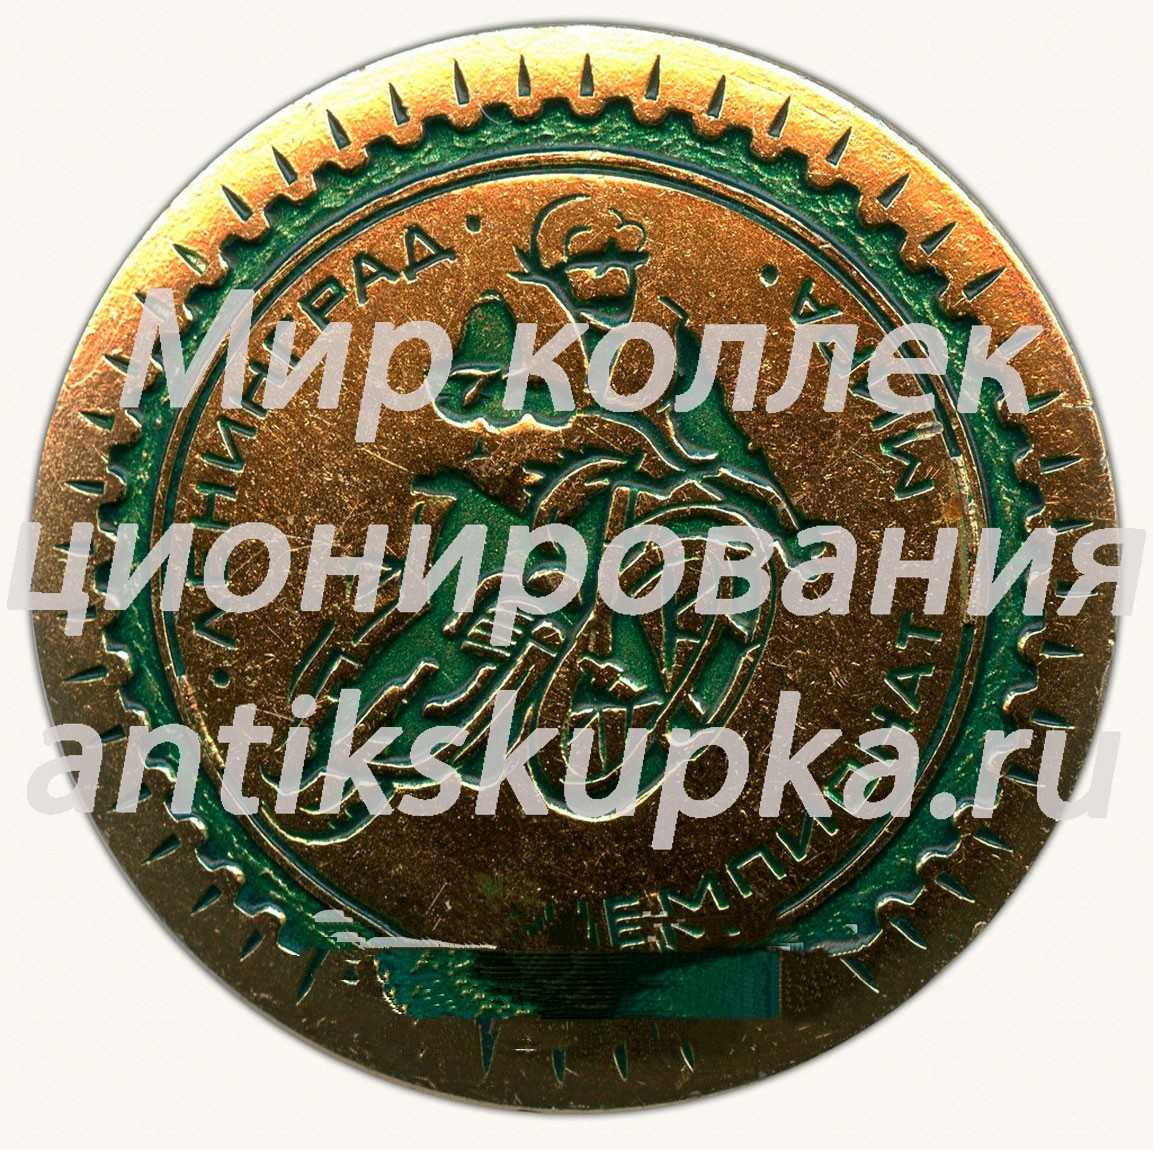 Знак «Чемпионат мира по мотокроссу. Ленинград»